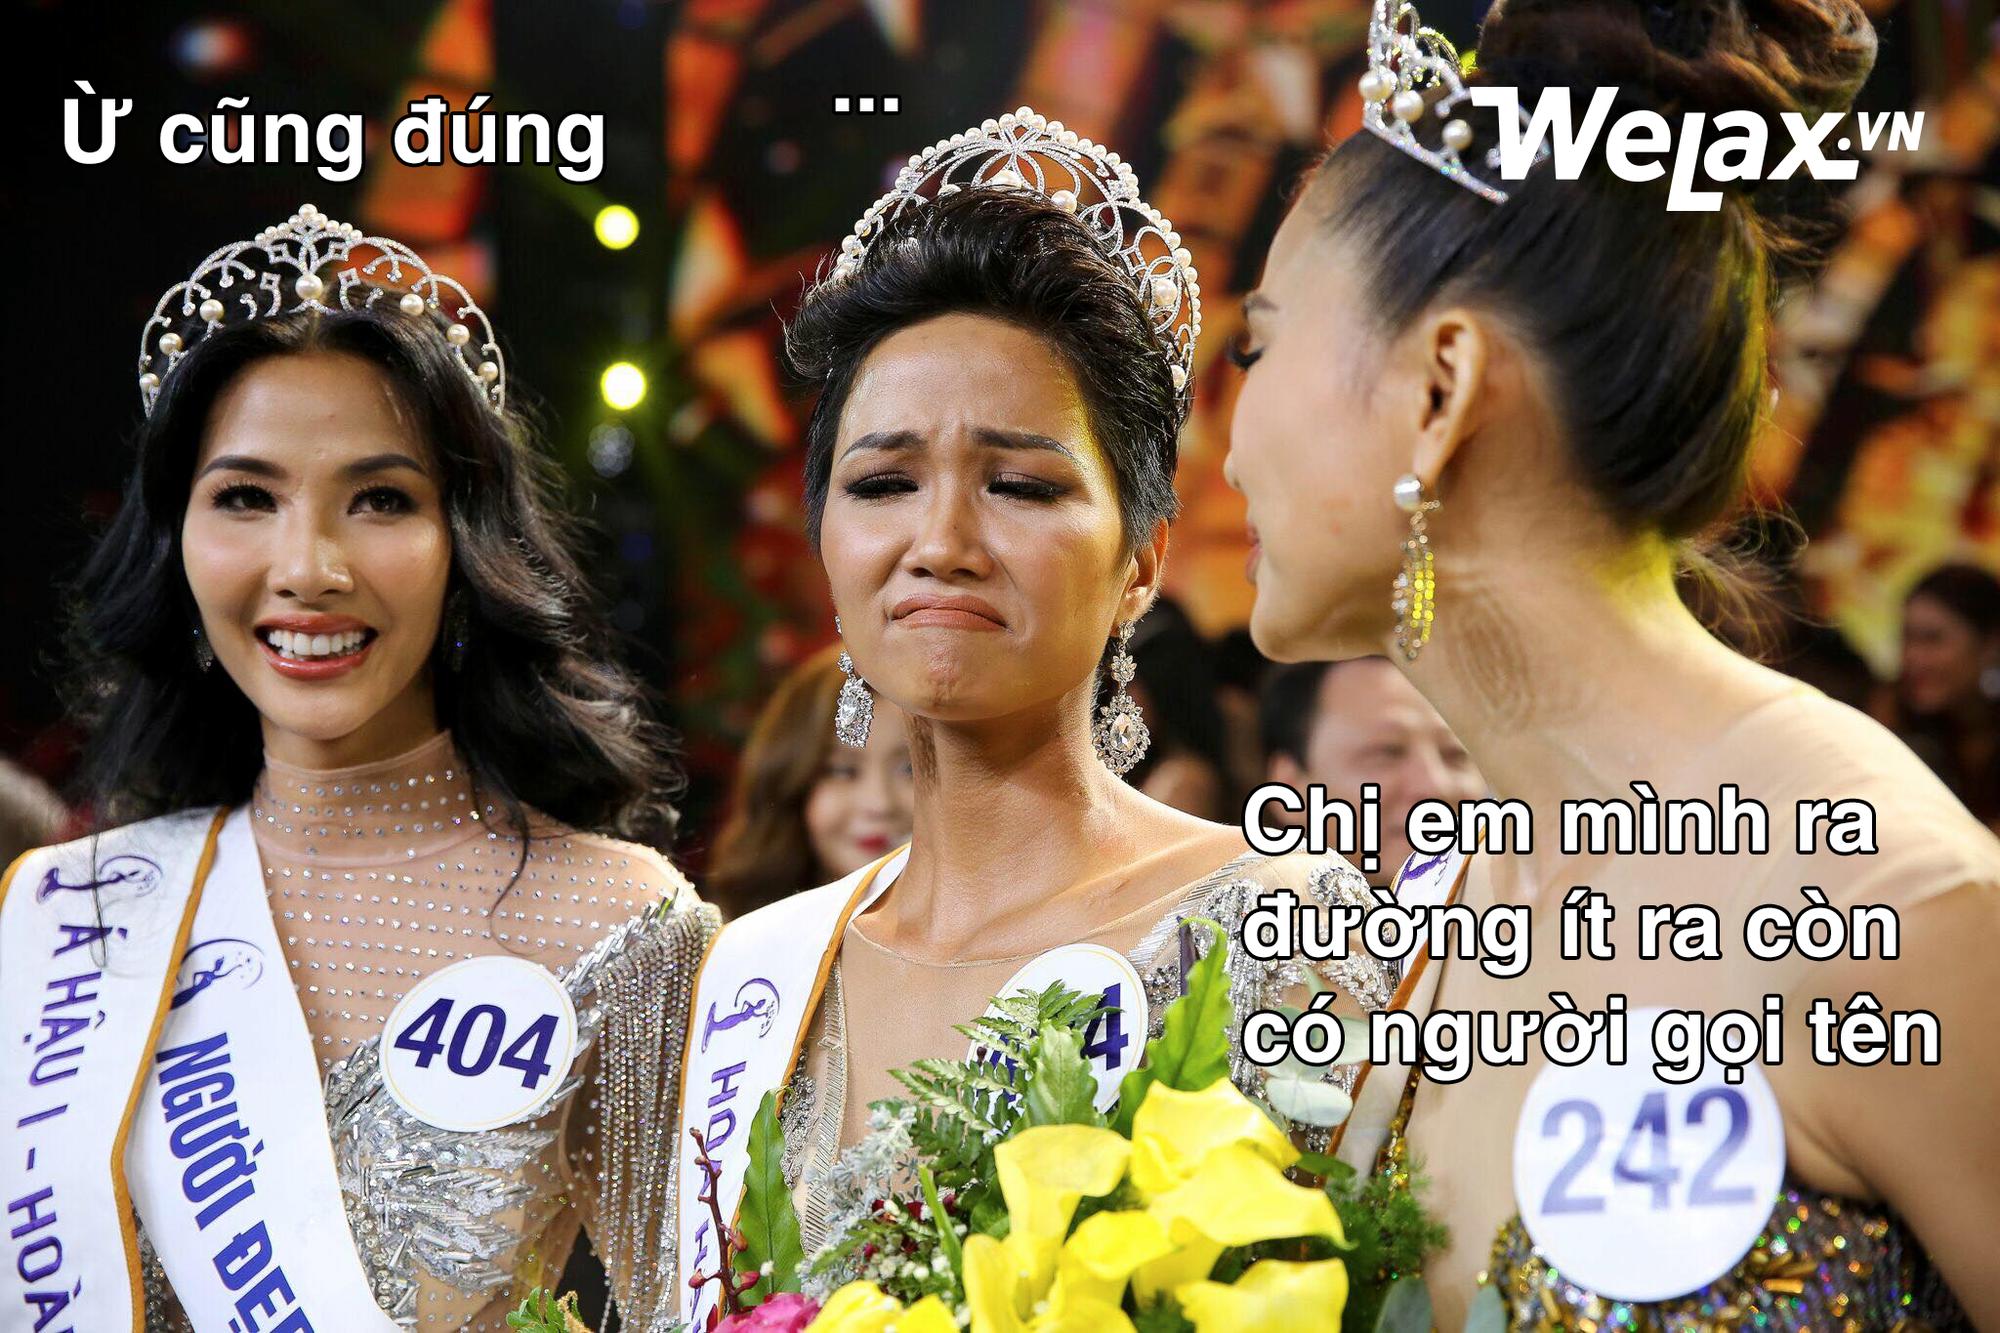 """Biểu cảm lúc đăng quang không rõ """"cười hay mếu"""" của Tân hoa hậu Hoàn vũ H'Hen Niê lại thành nguồn chế ảnh bất tận! - Ảnh 13."""